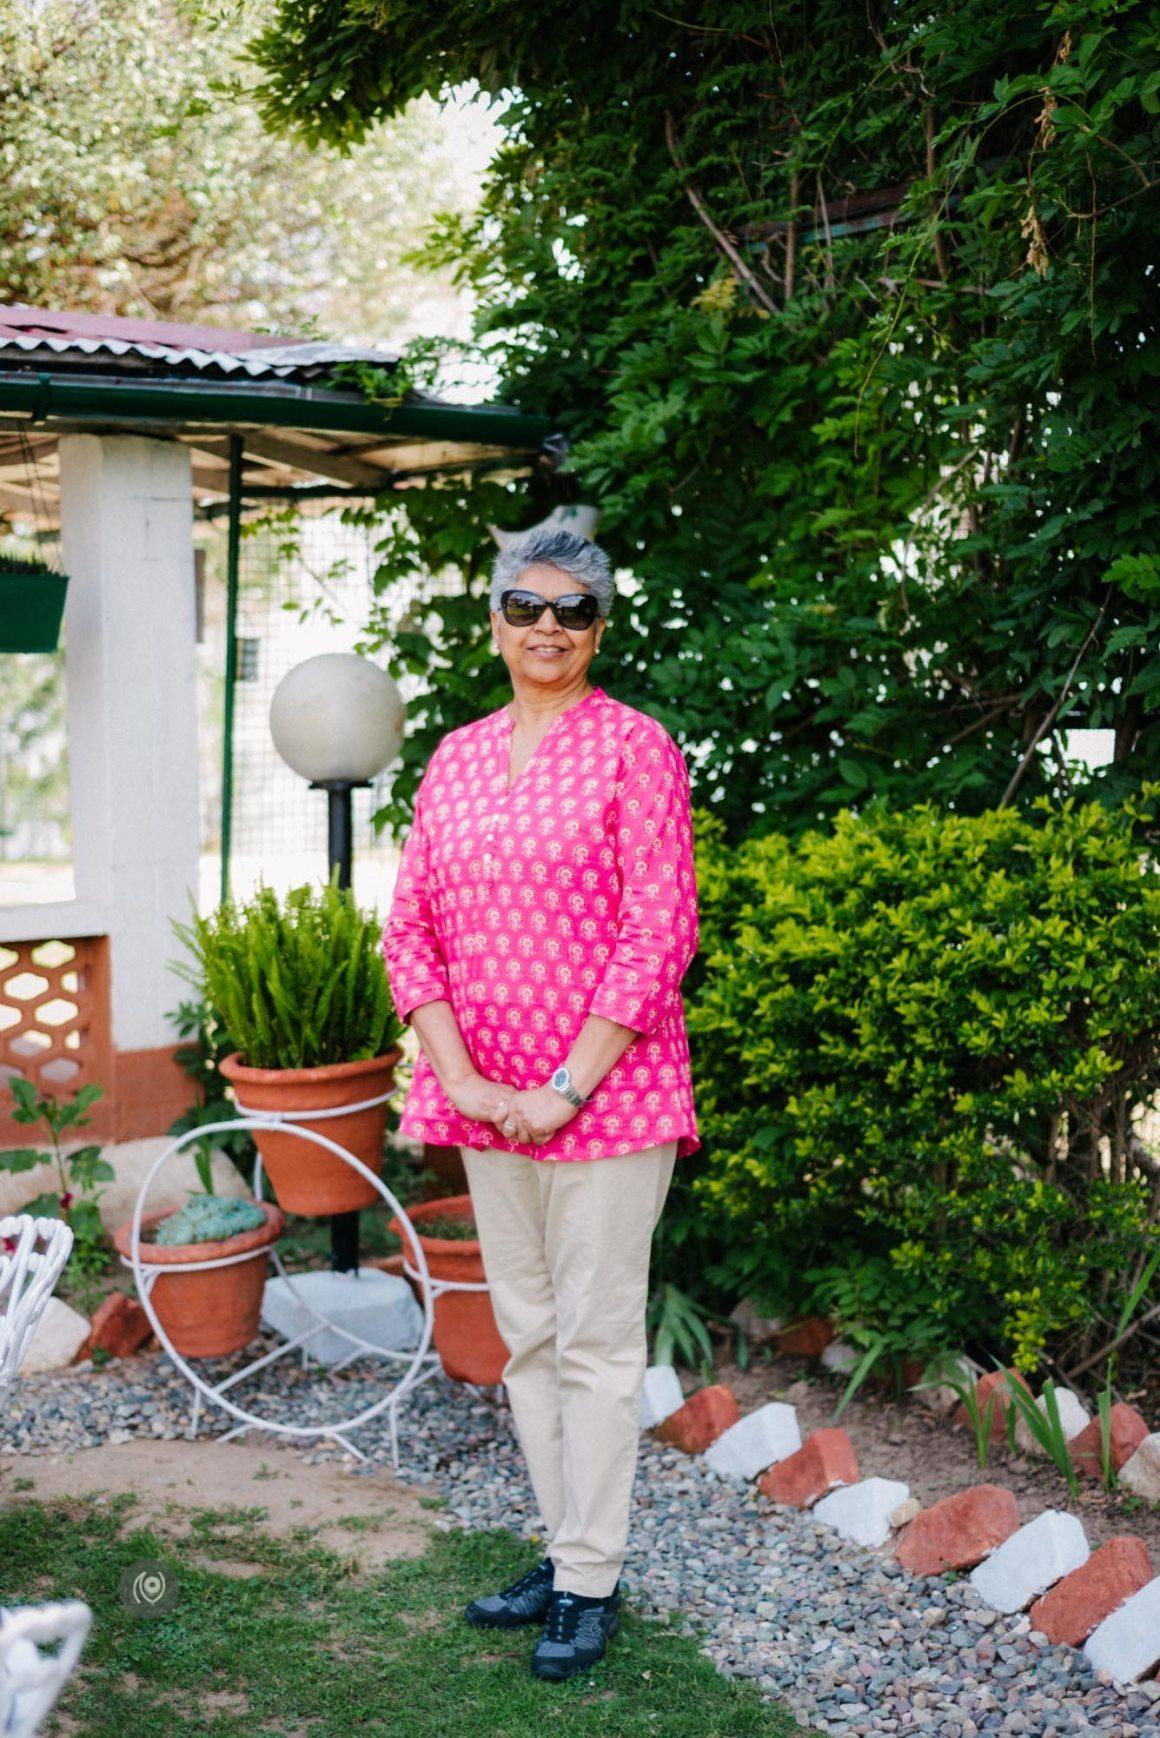 Naina.co, #NAINAxRanikhet, Ranikhet, Uttarakhand, Travel Photographer, Travel Blogger, Luxury Photographer, Luxury Blogger, Lifestyle Photographer, Lifestyle Blogger, Naina Redhu, #EyesForDestinations, #EyesForIndia, Destination Blogger, Destination Photographer, Portraiture, Parents, Portraits, Slow Photos, Image Making